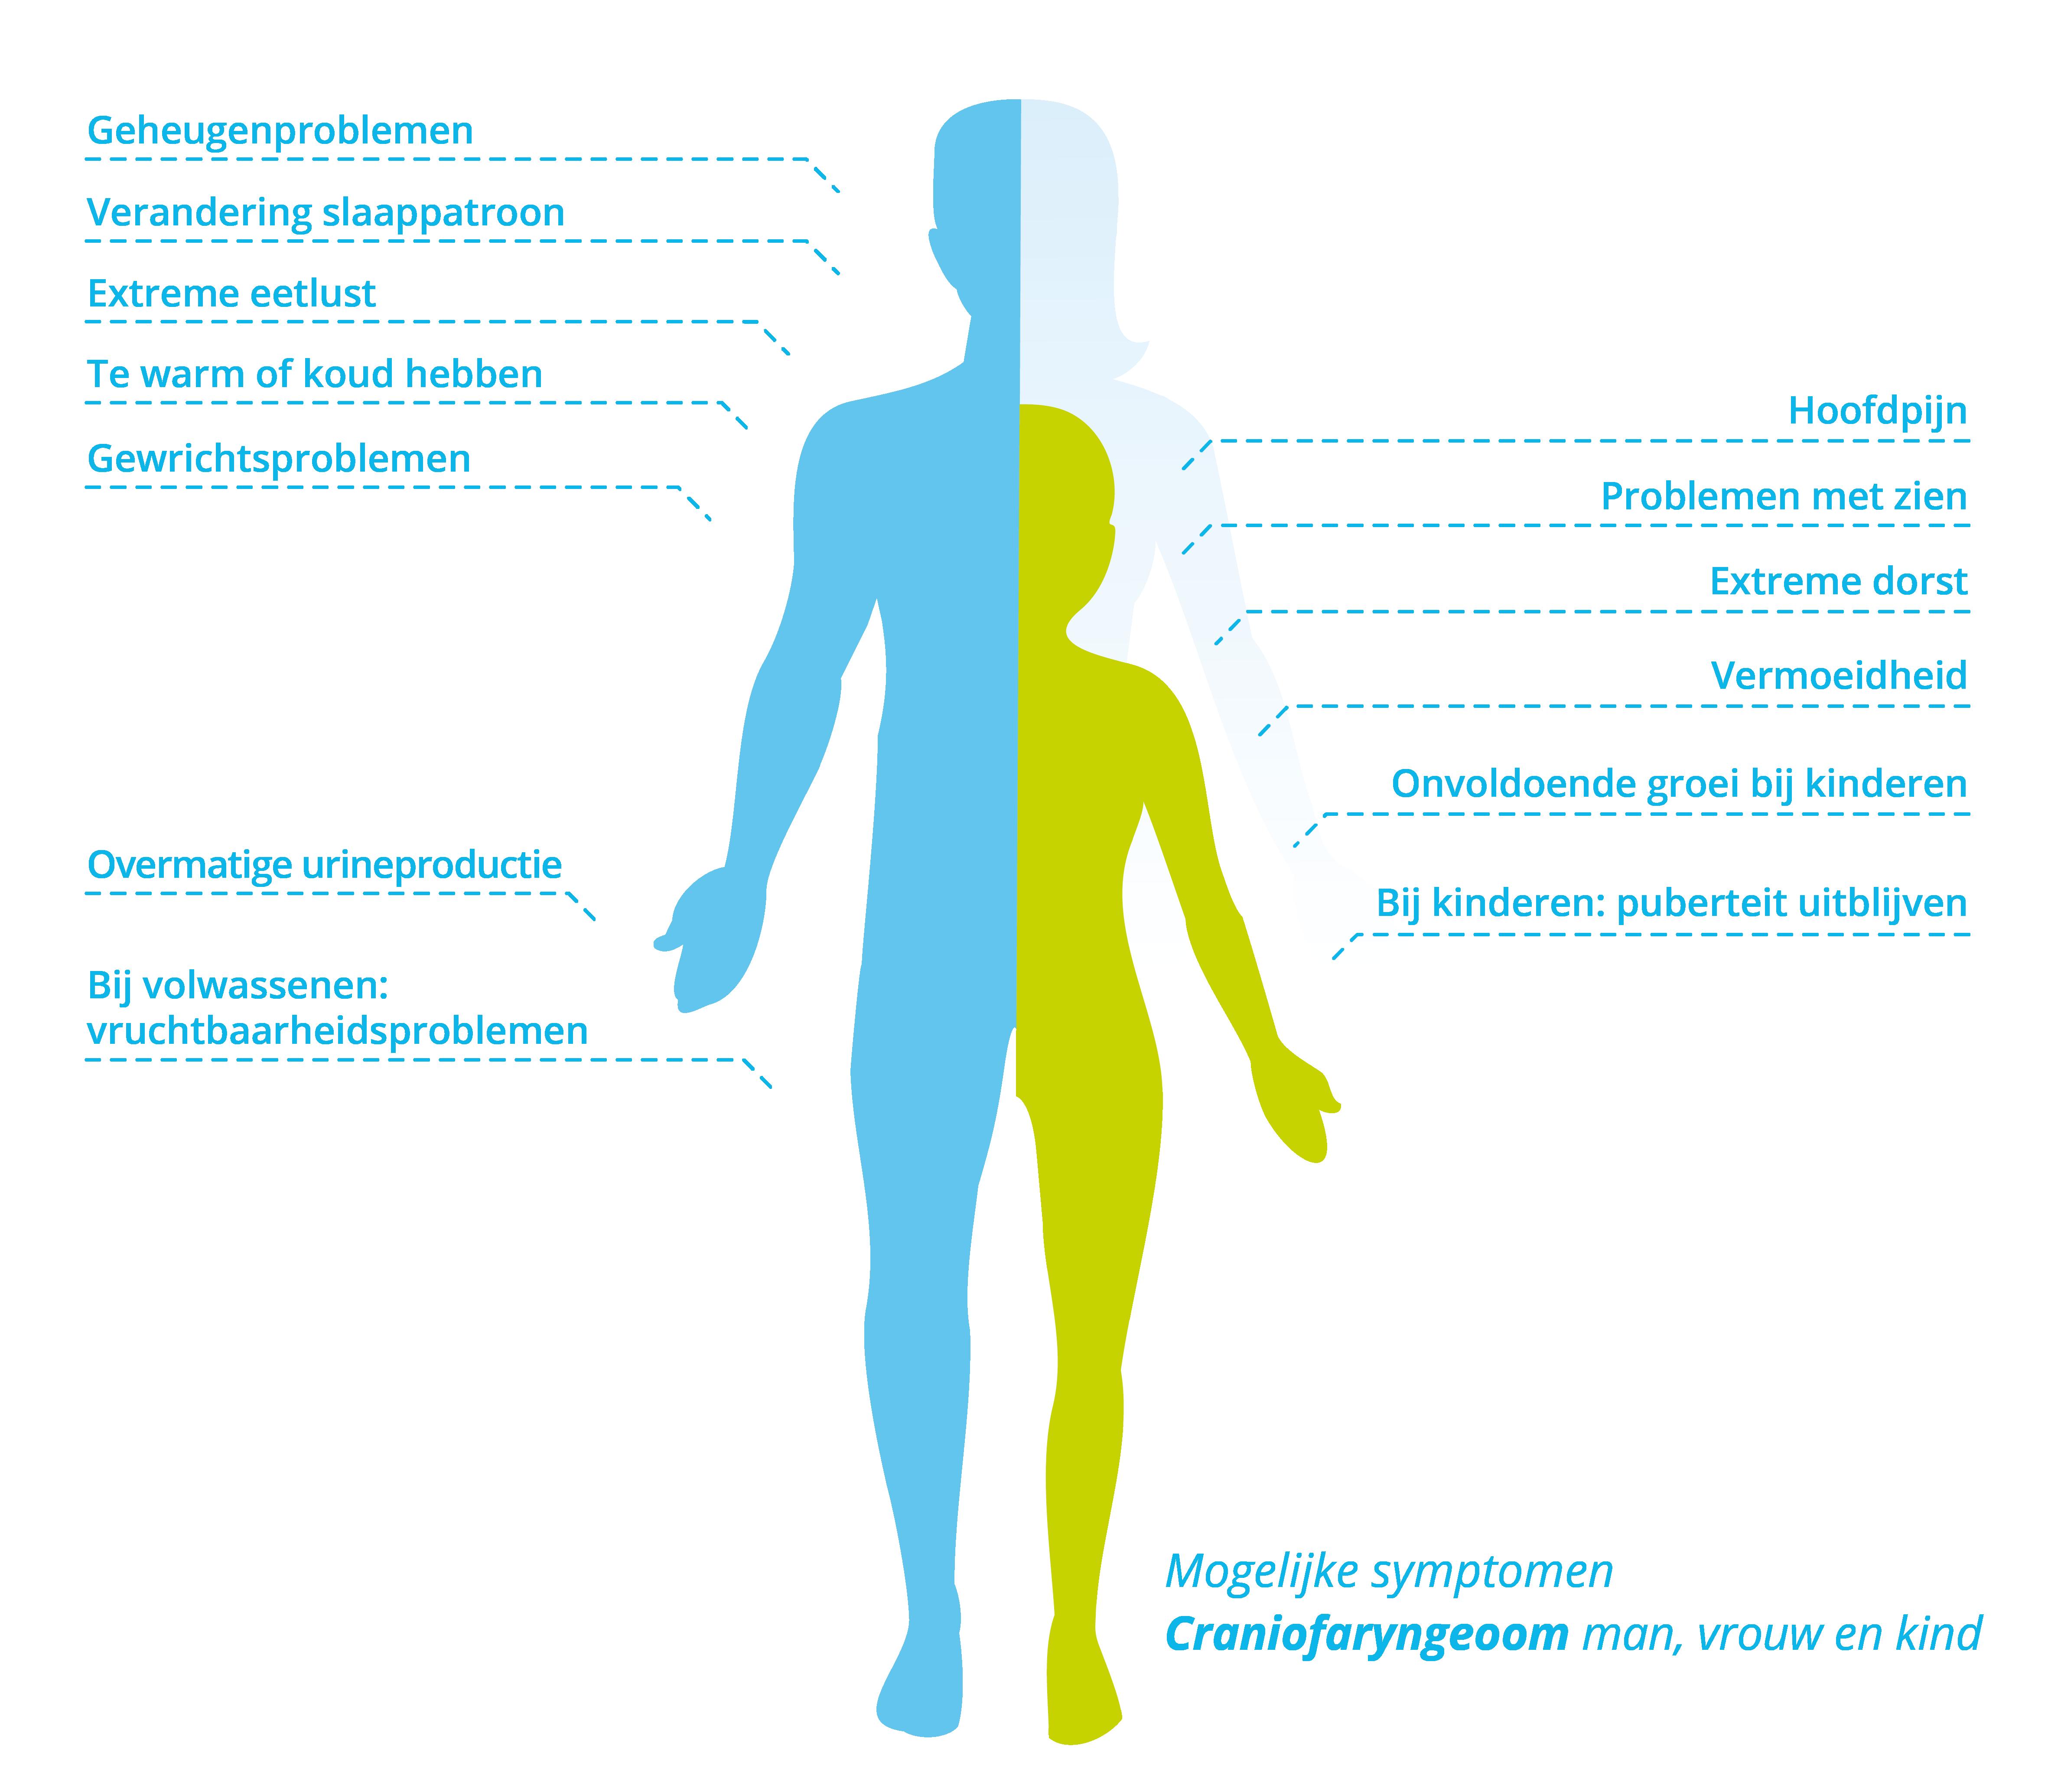 Symptomen craniofaryngeoom bij volwassenen en kinderen